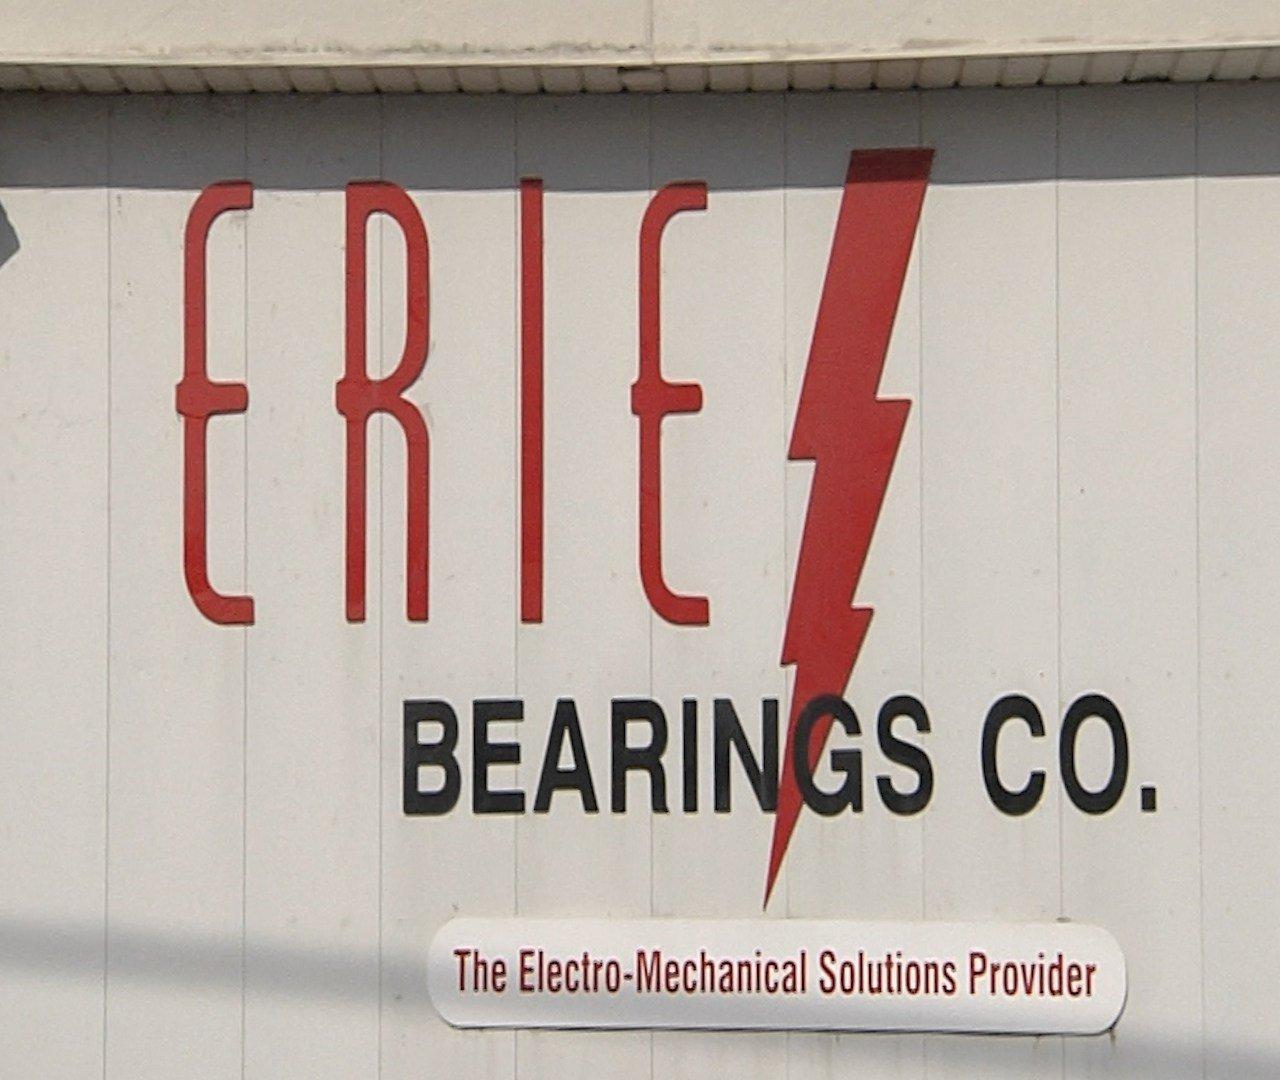 Erie Bearings